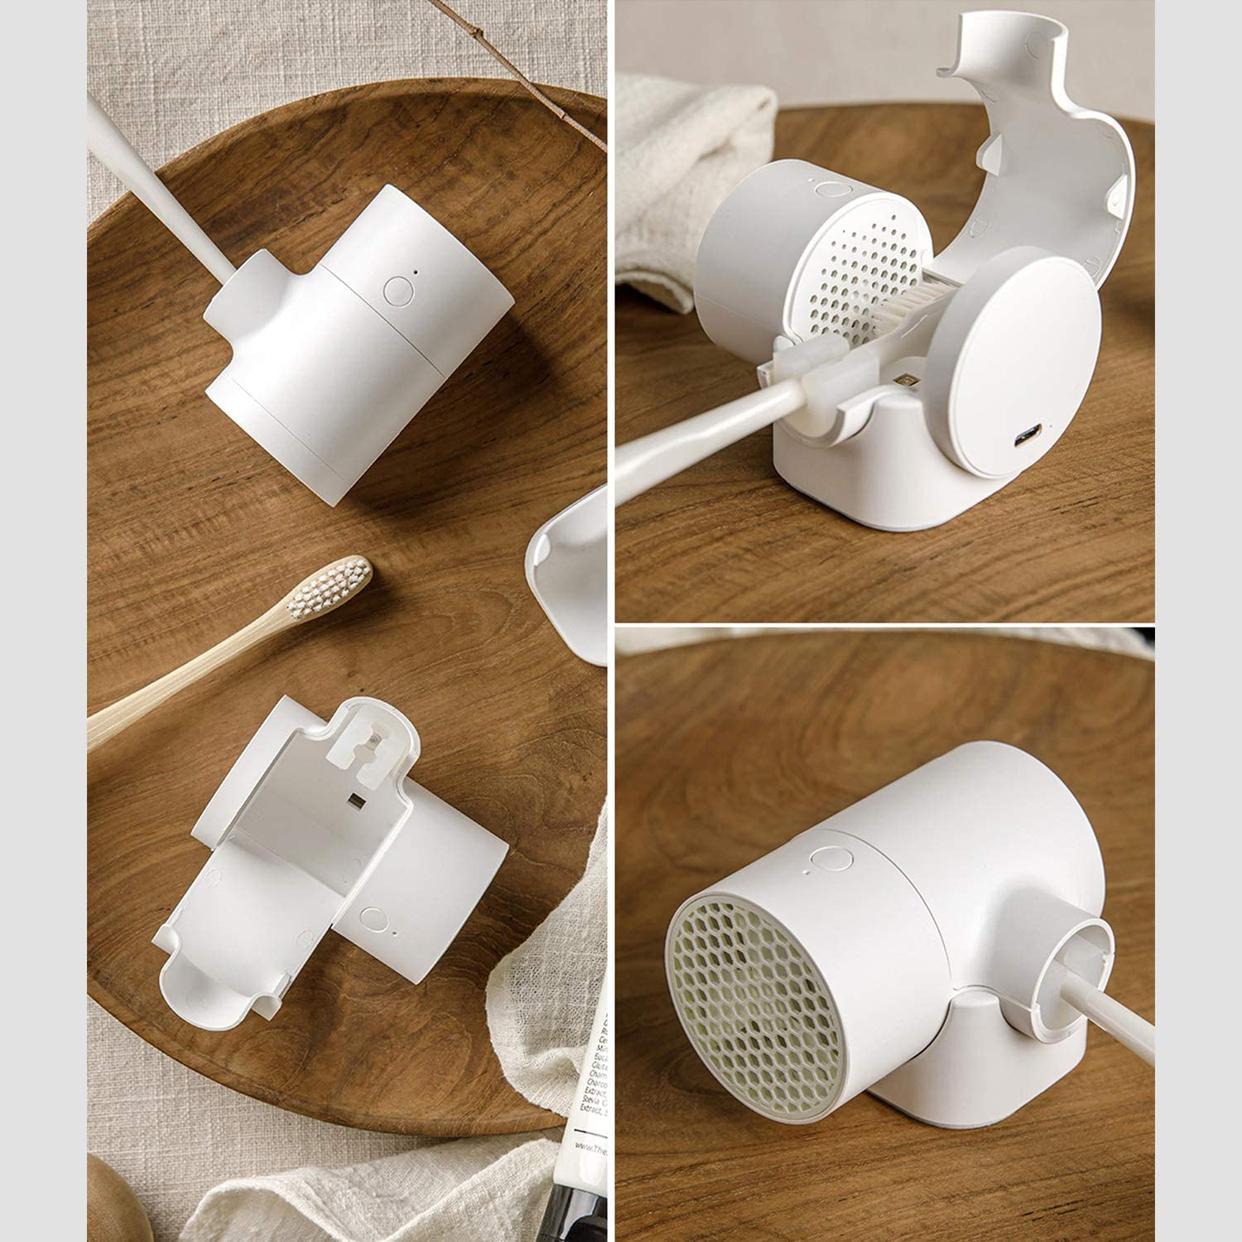 CLEAND(クリーンディー) 歯ブラシUV除菌乾燥機 T-dryer CL-401の商品画像6